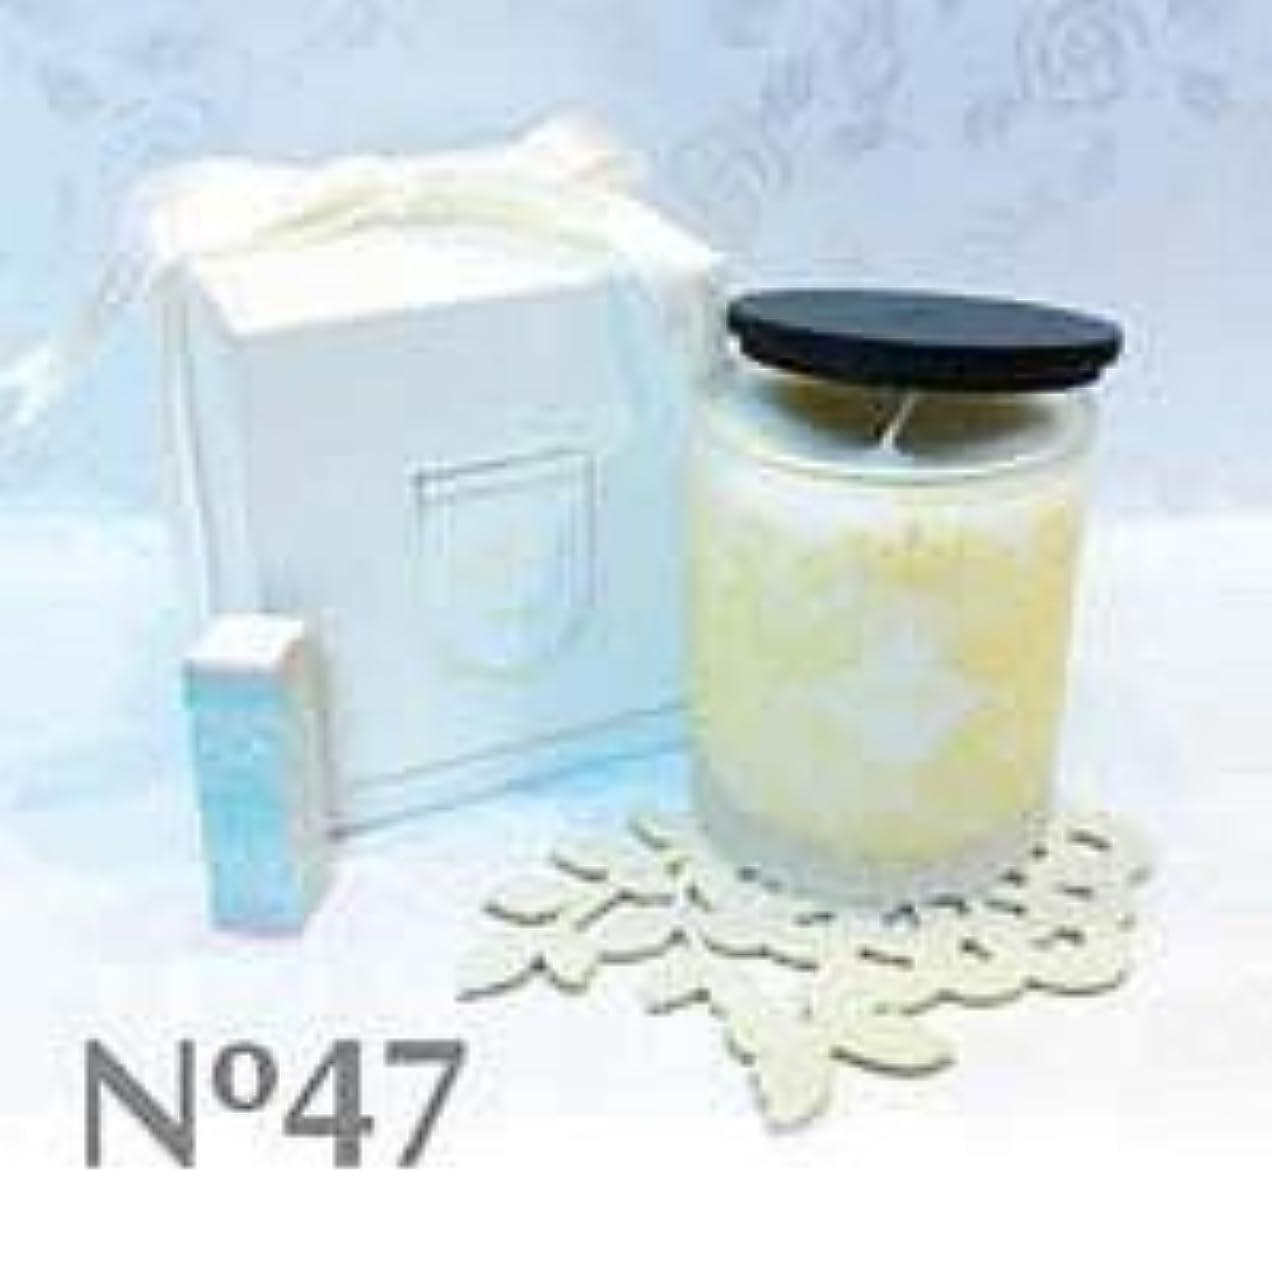 アイロニー回復する絶滅したアロマキャンドル parfum No.36